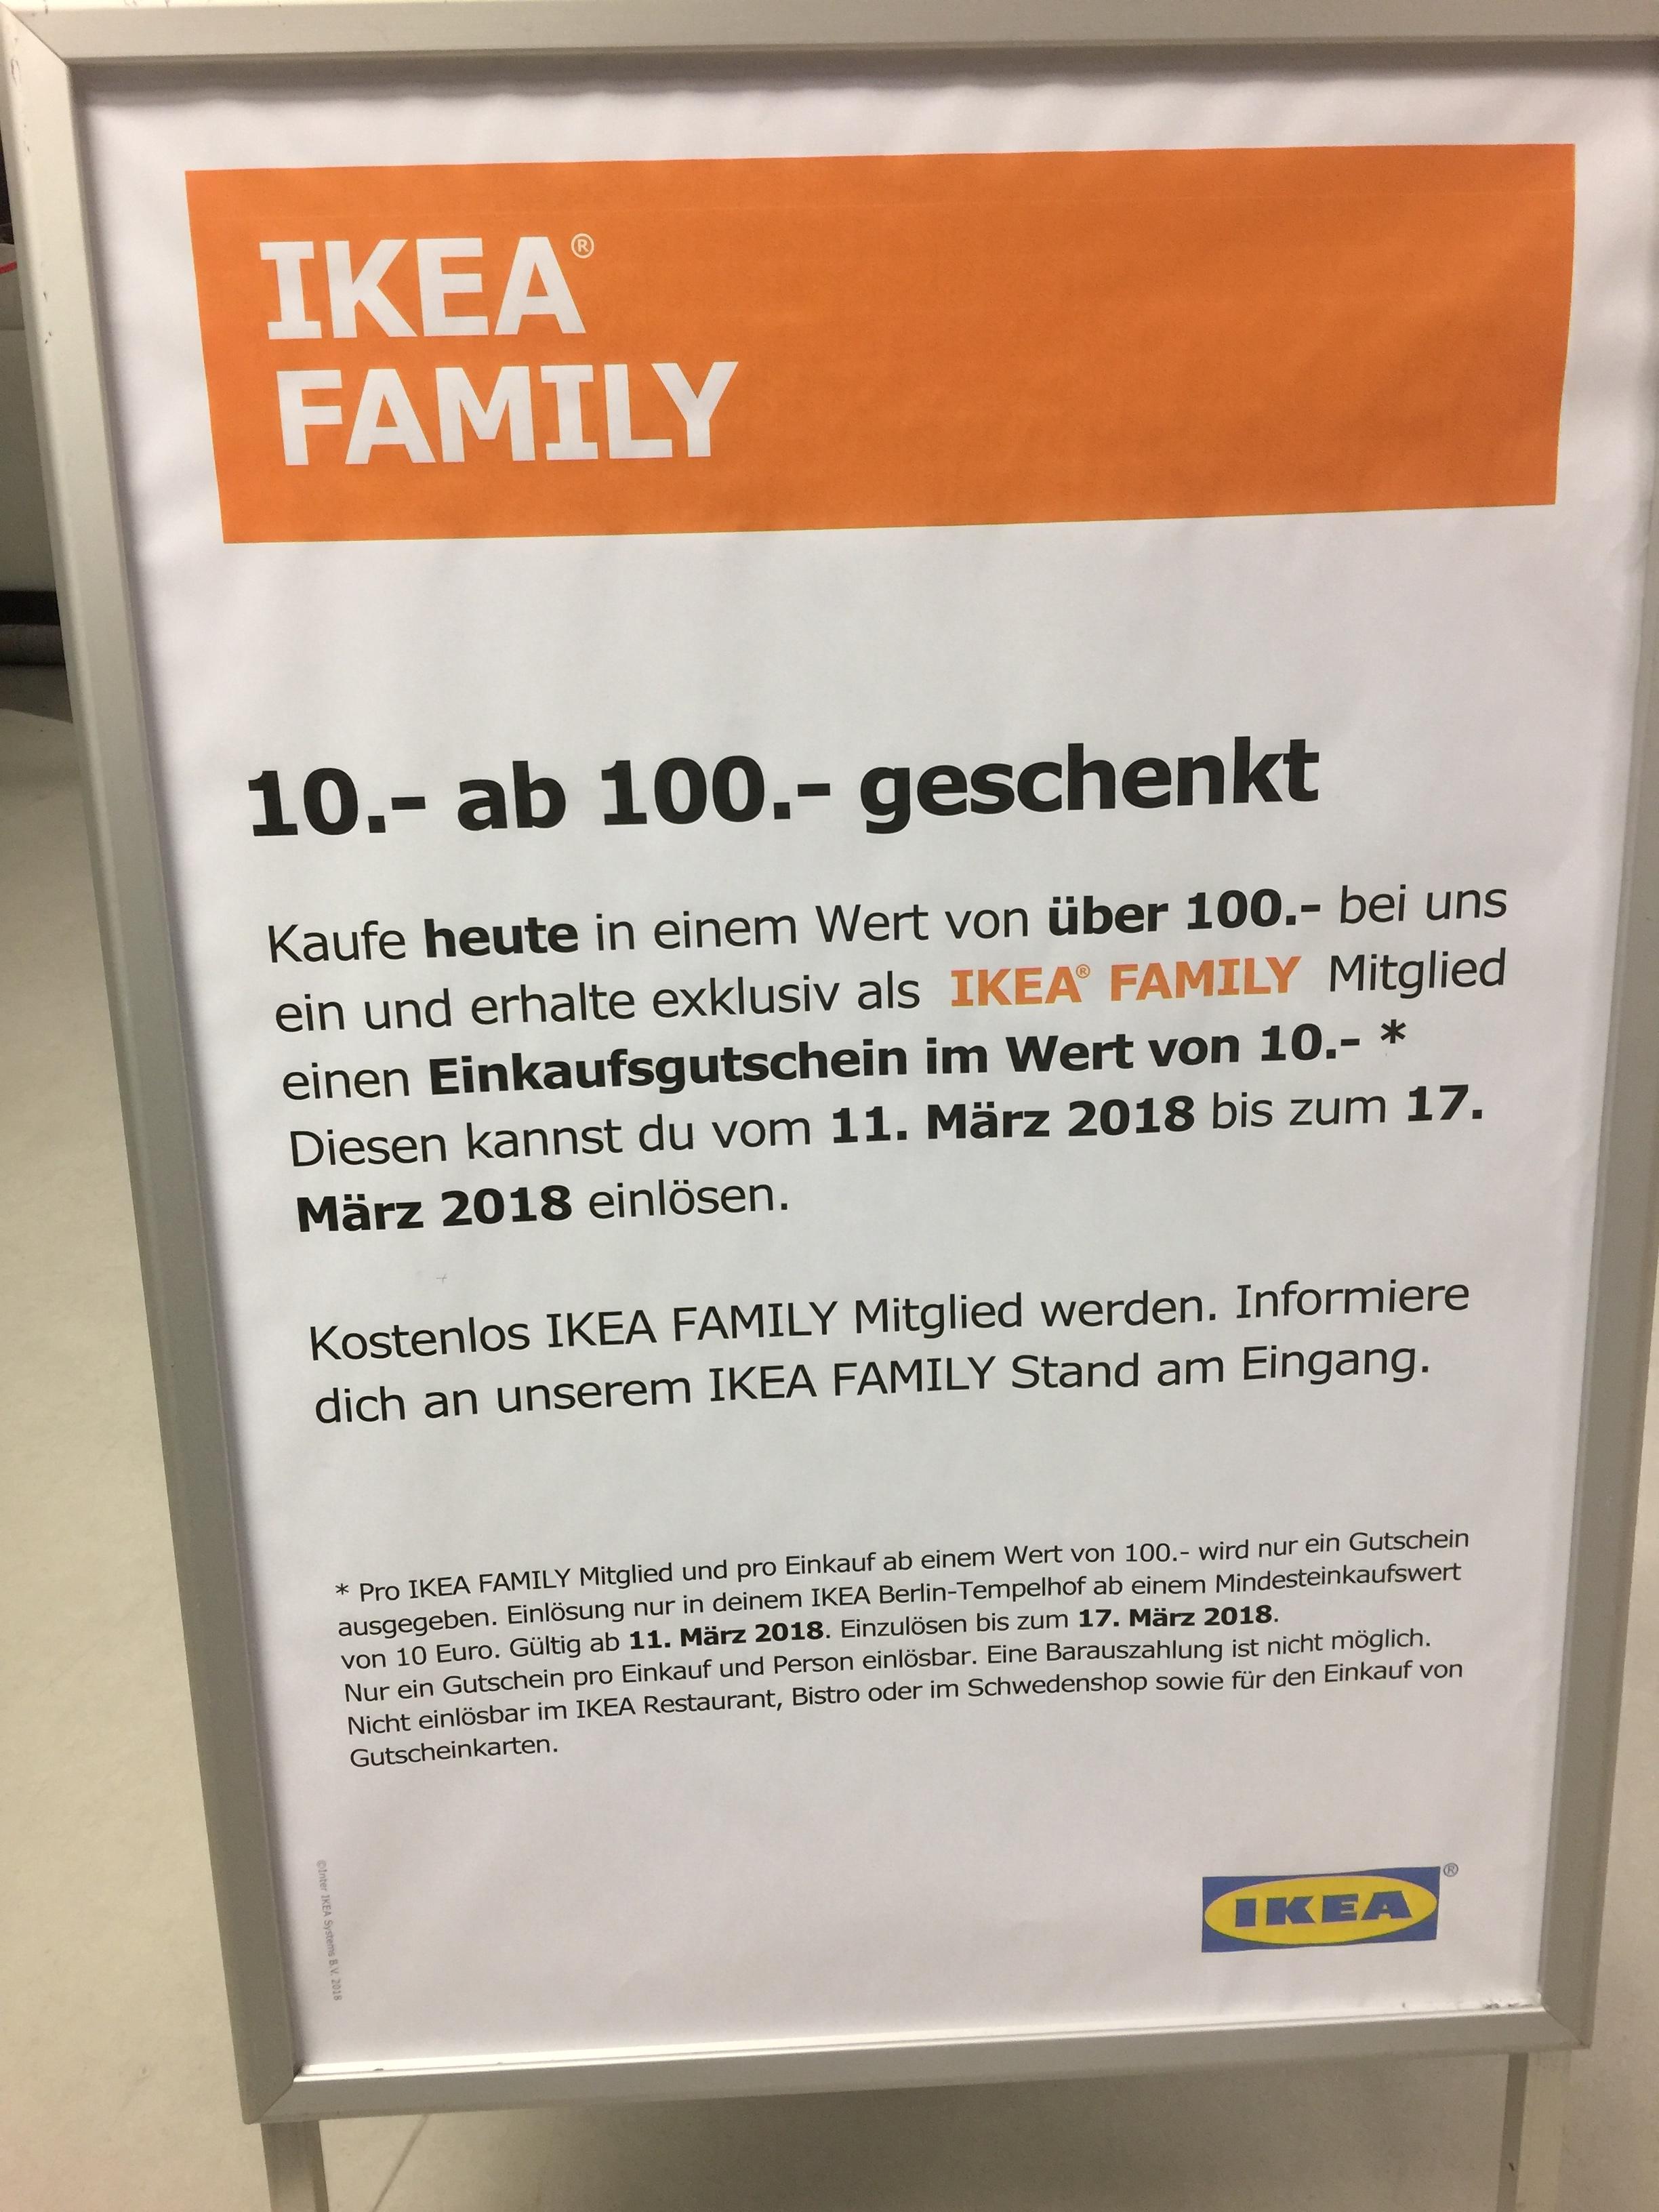 [LOKAL?]  IKEA Berlin Tempelhof Family einmalig 10 Euro Gutschein für 100 €  einkaufswert